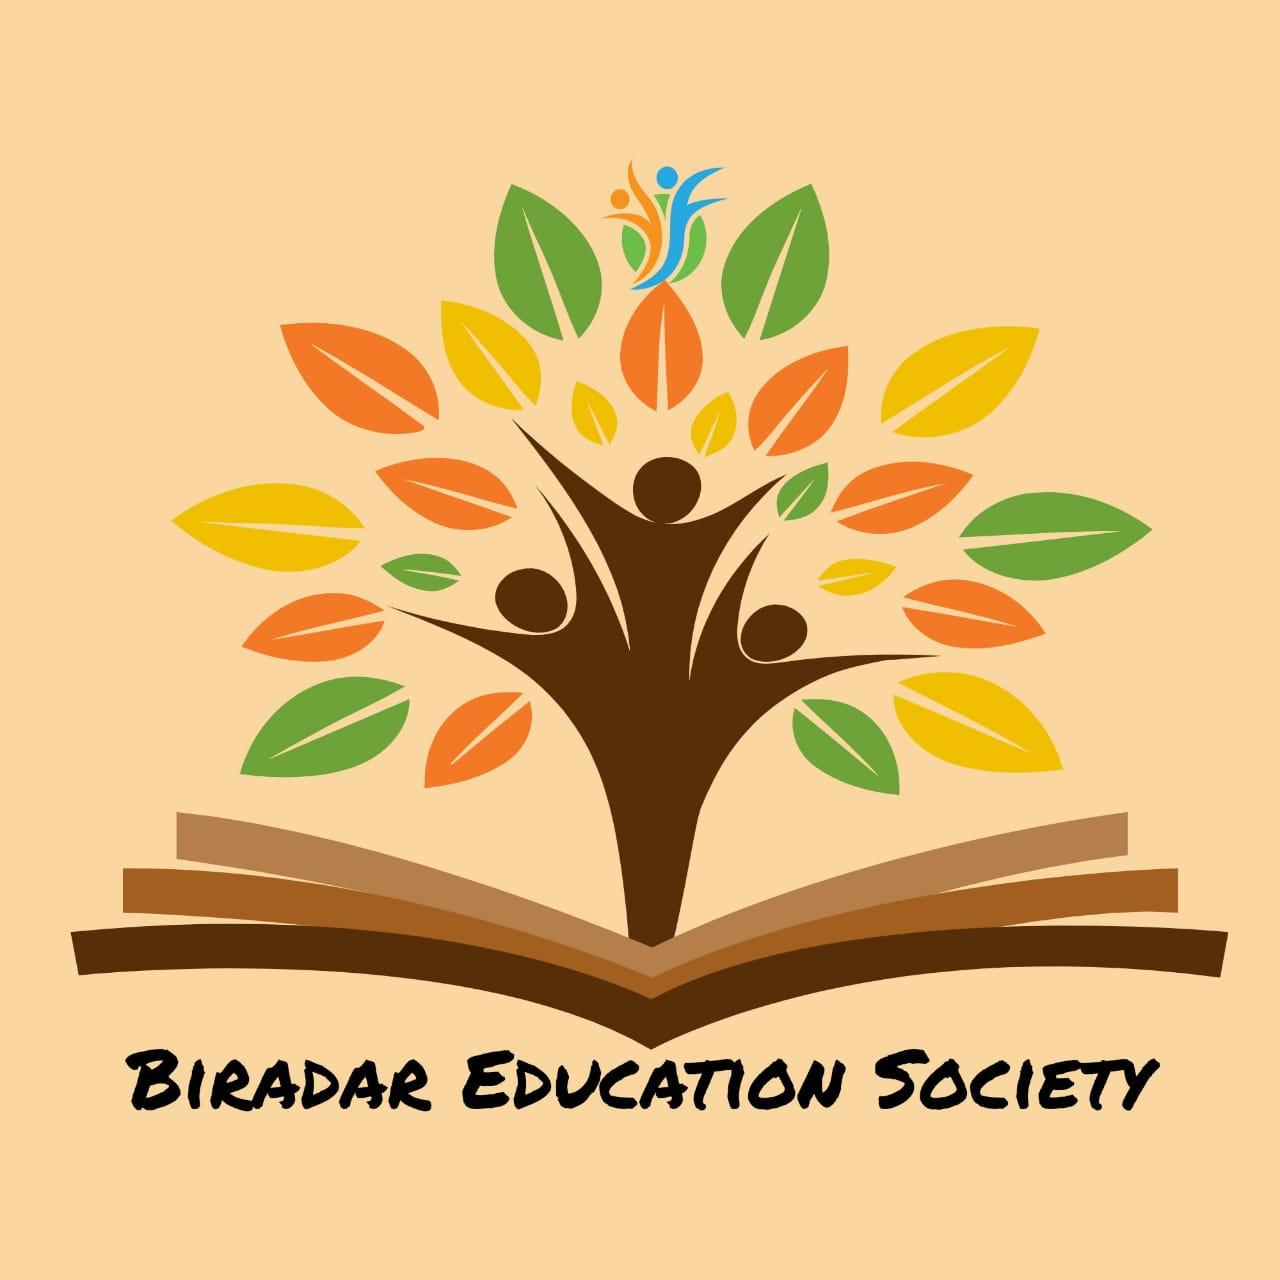 /media/biradares/logo.jpg